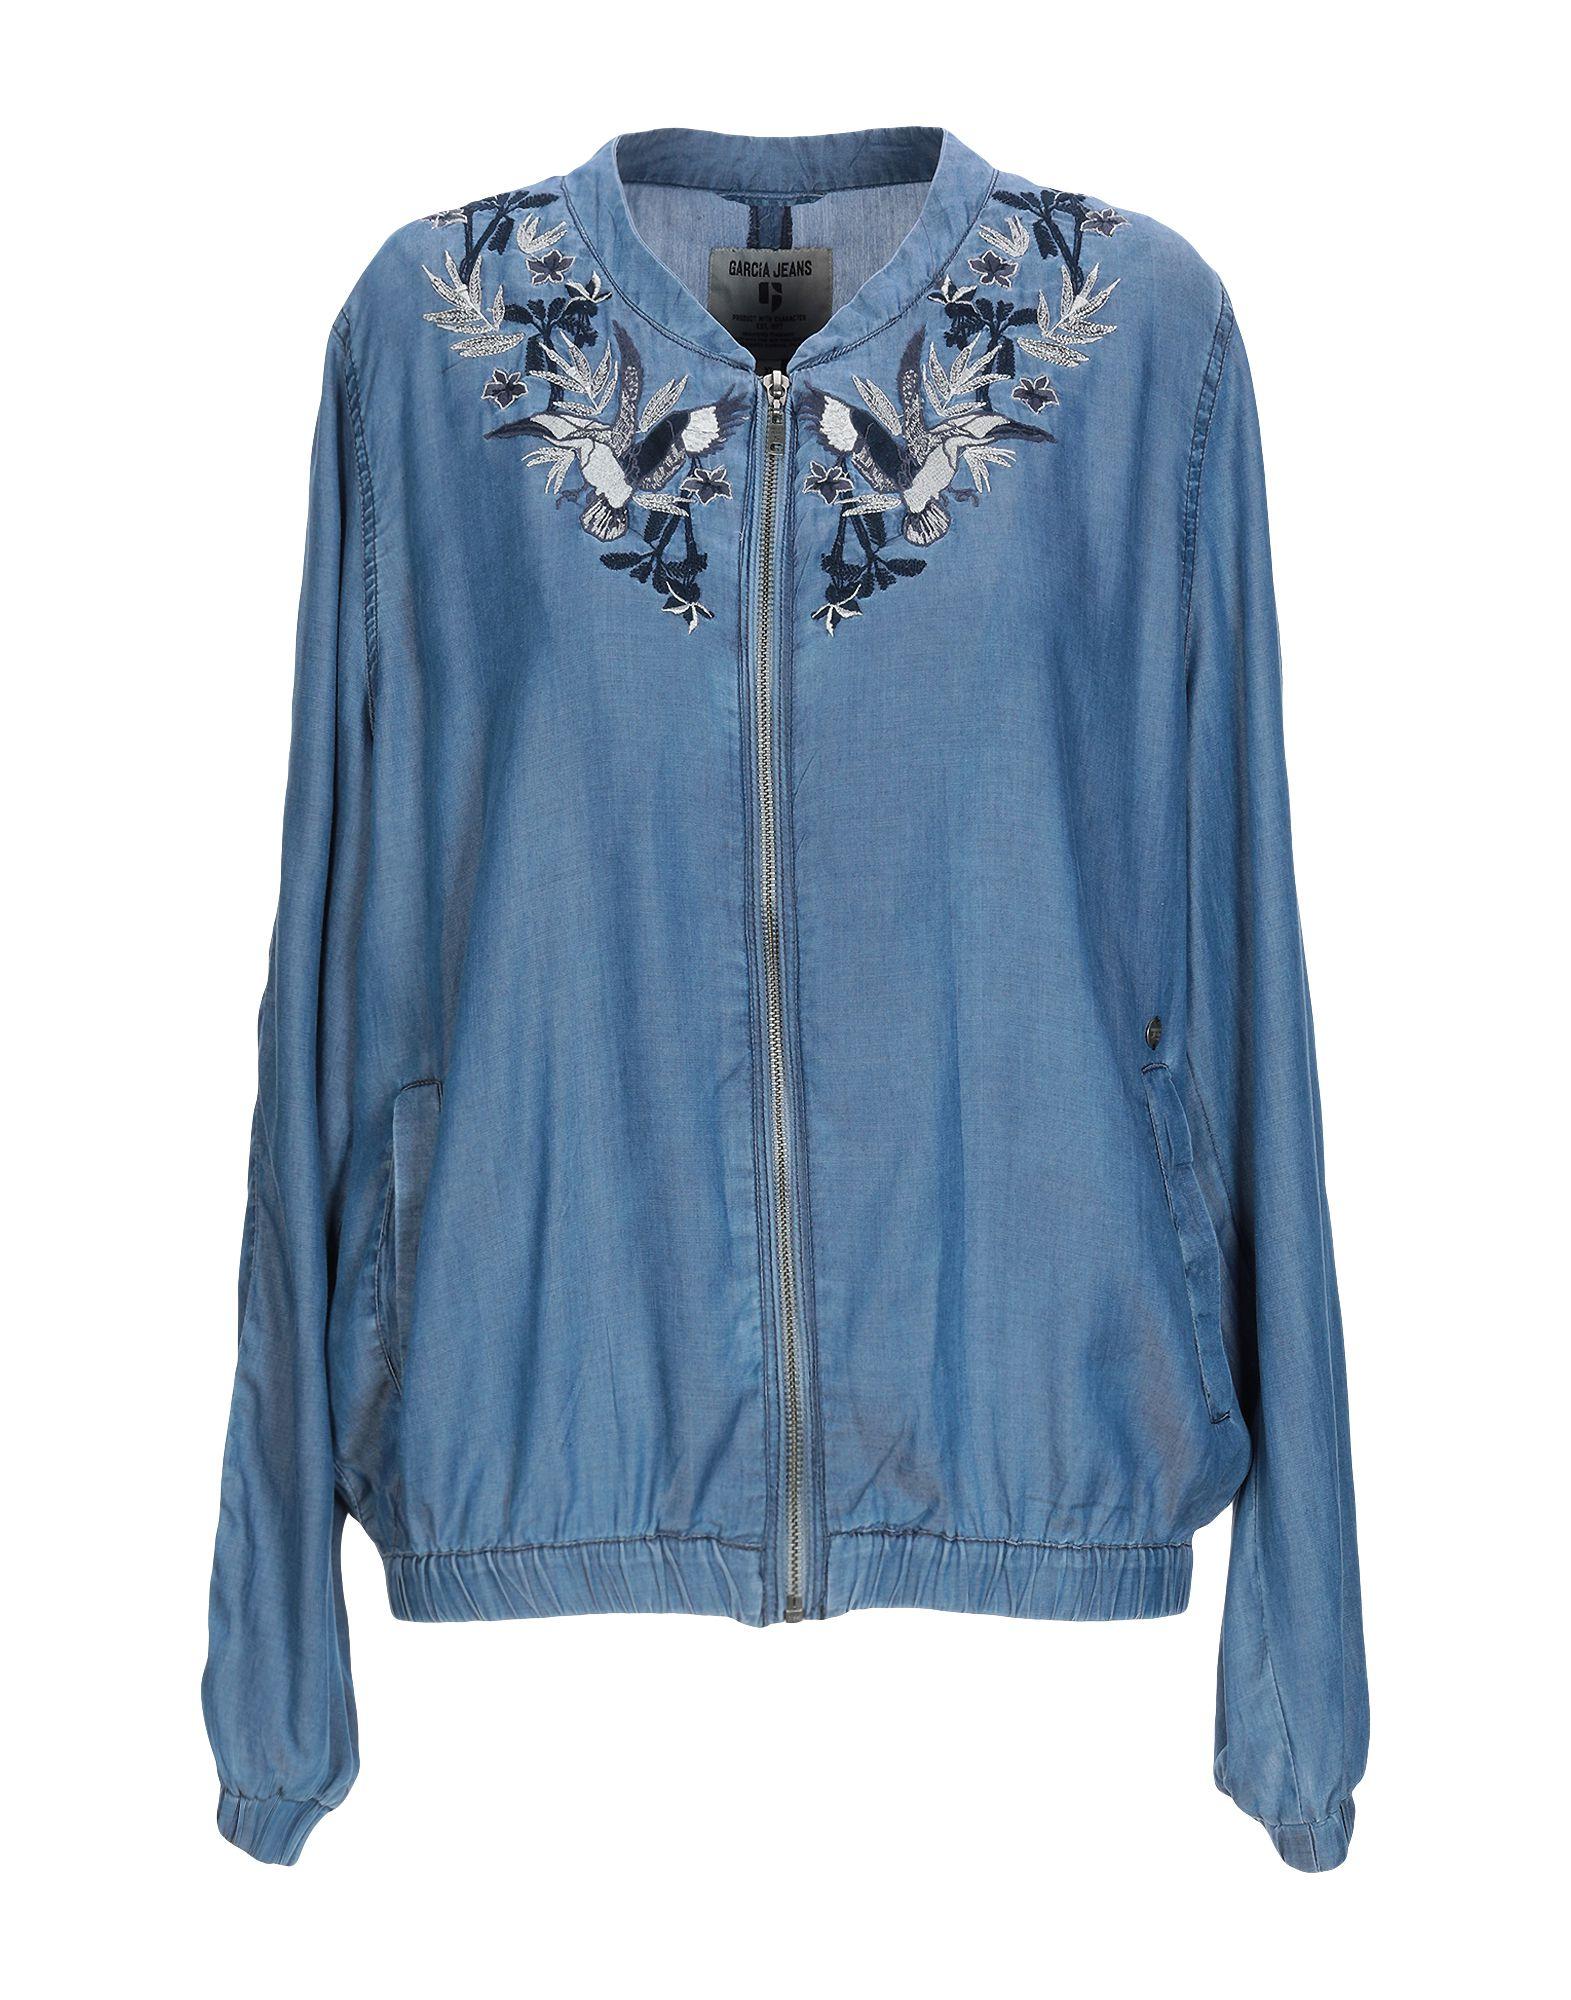 GARCIA JEANS Джинсовая верхняя одежда garcia jeans джинсовая рубашка